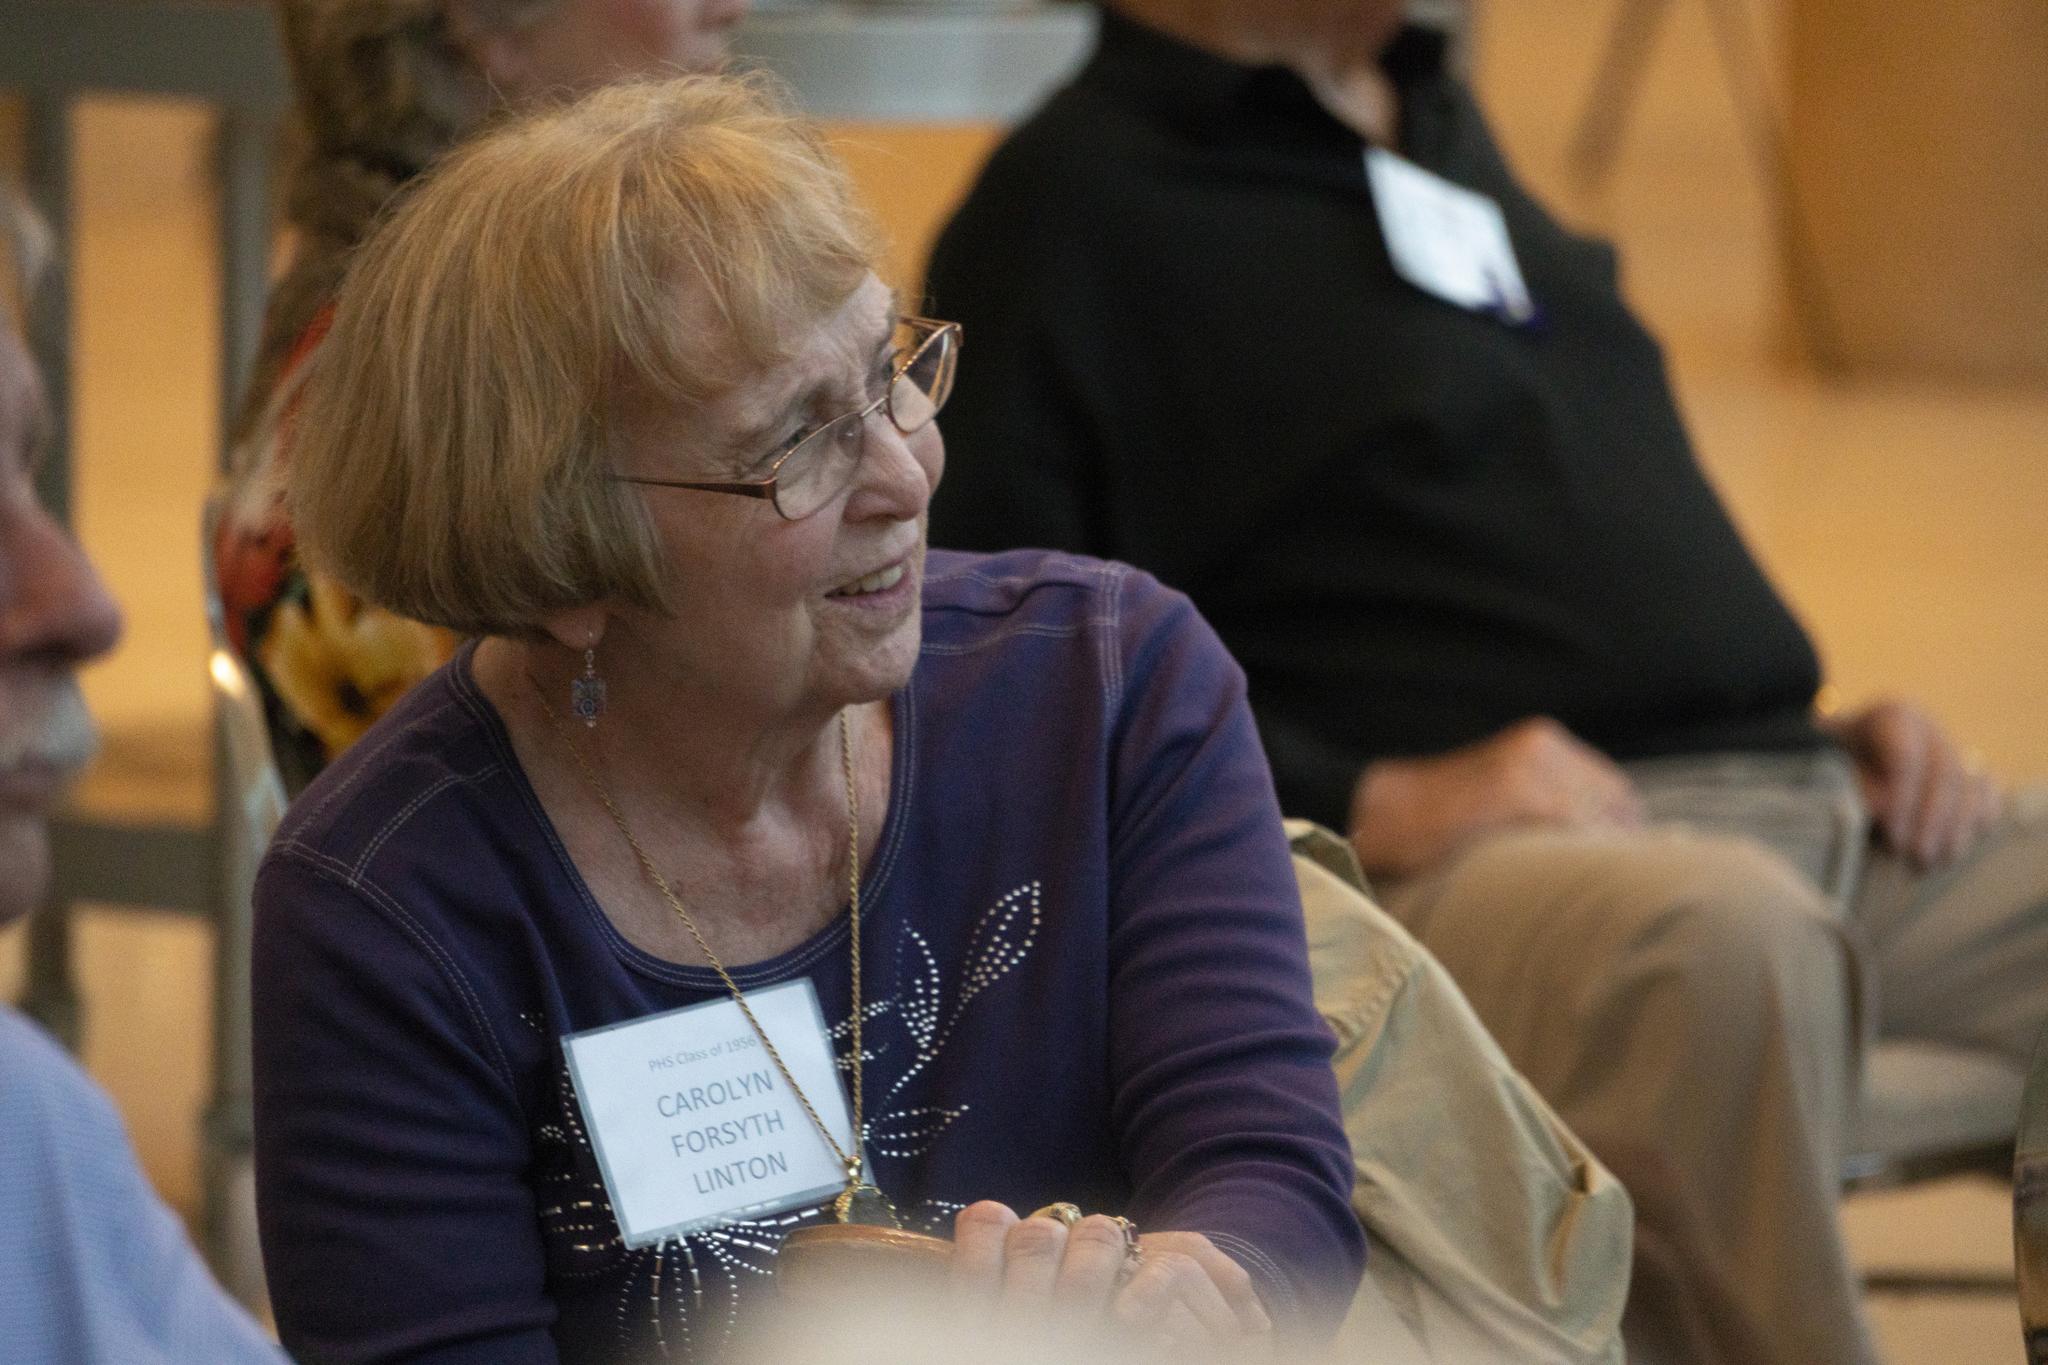 Carolyn Forsyth Linton